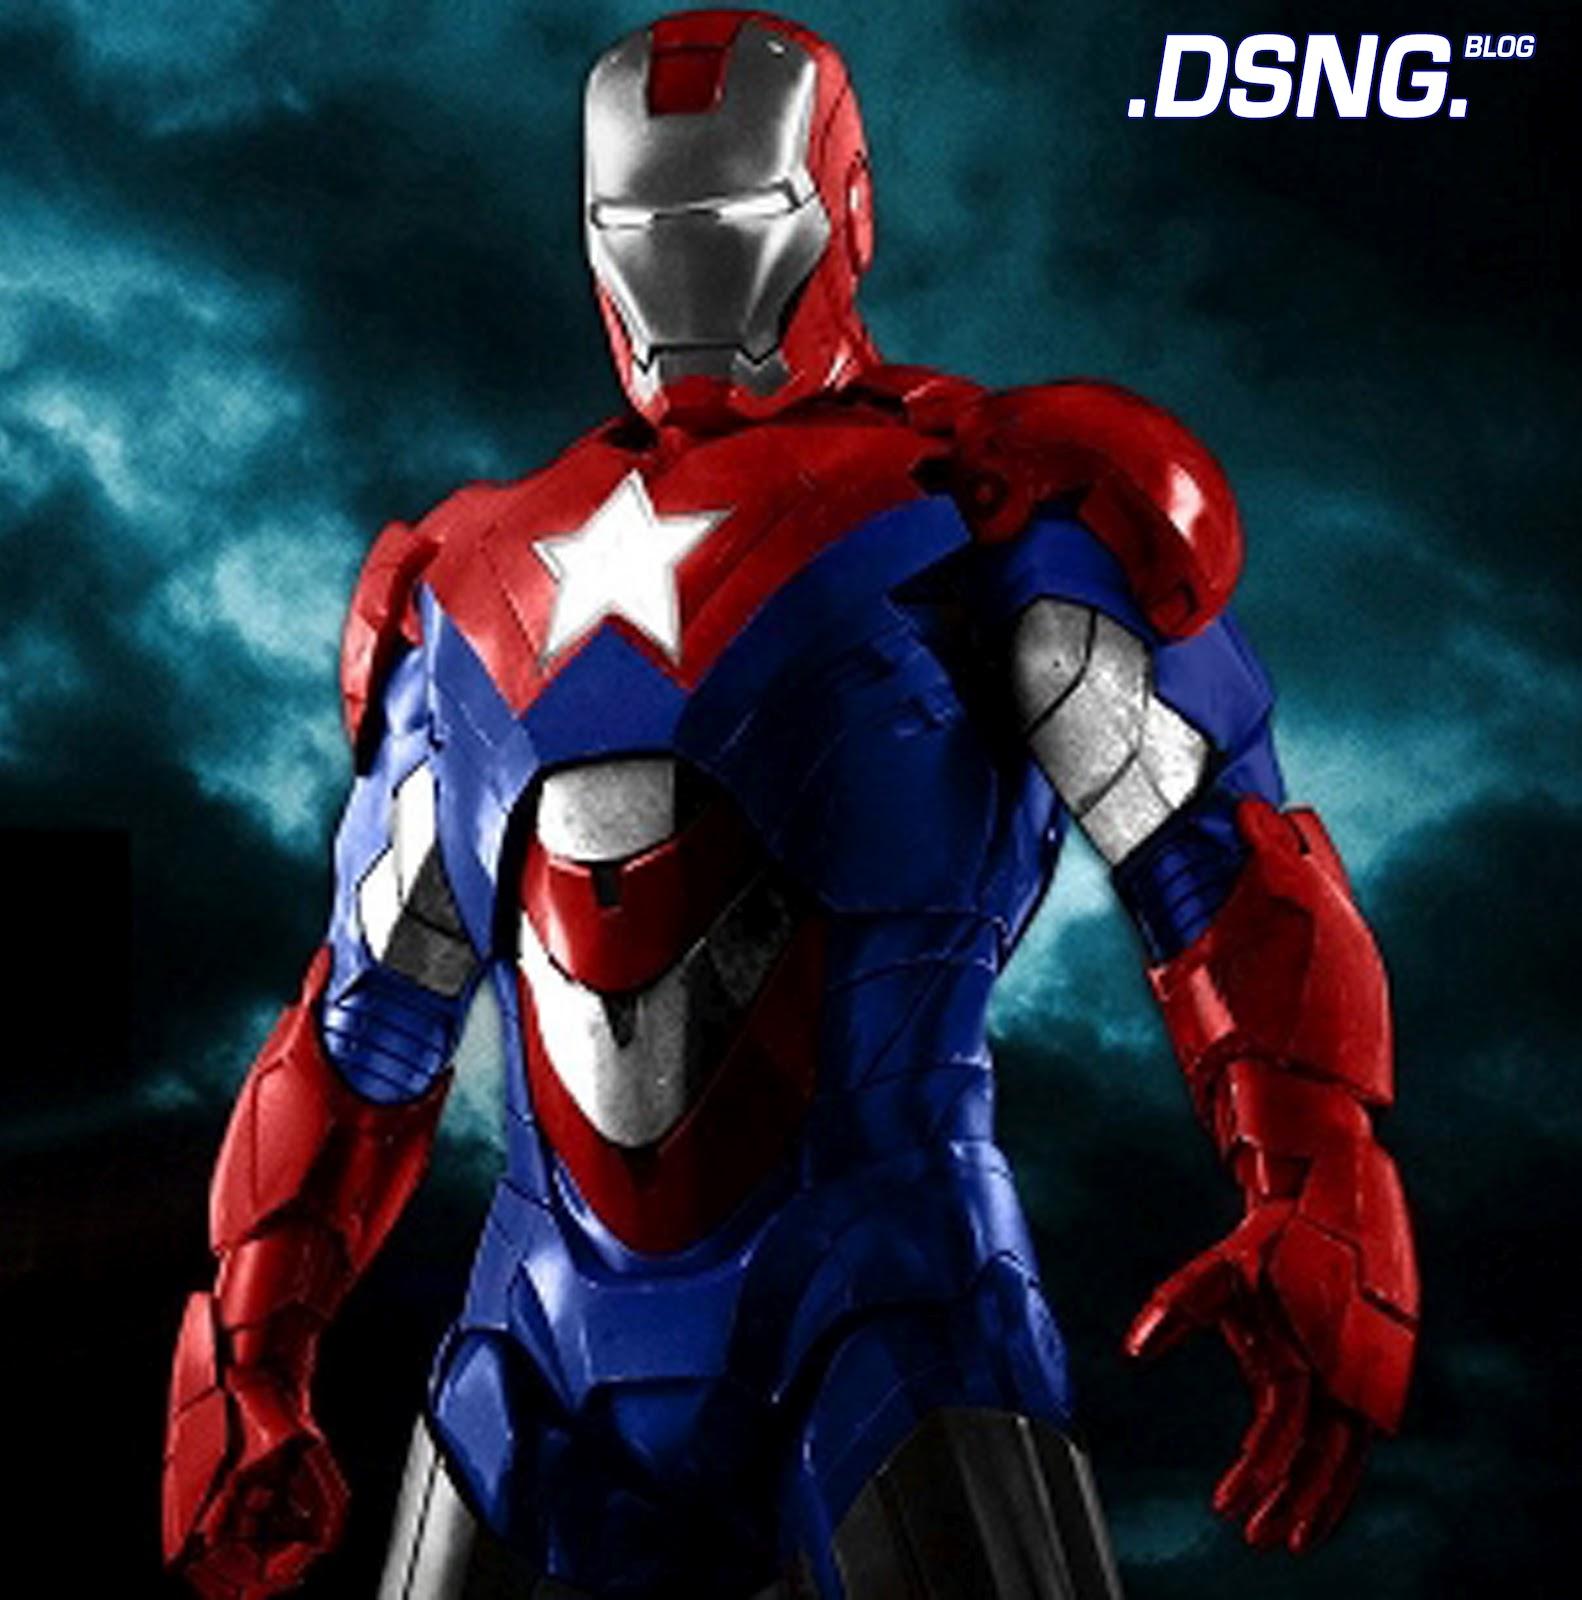 DSNG'S SCI FI MEGAVERSE: IRON MAN 3 VILLAIN! - IRON